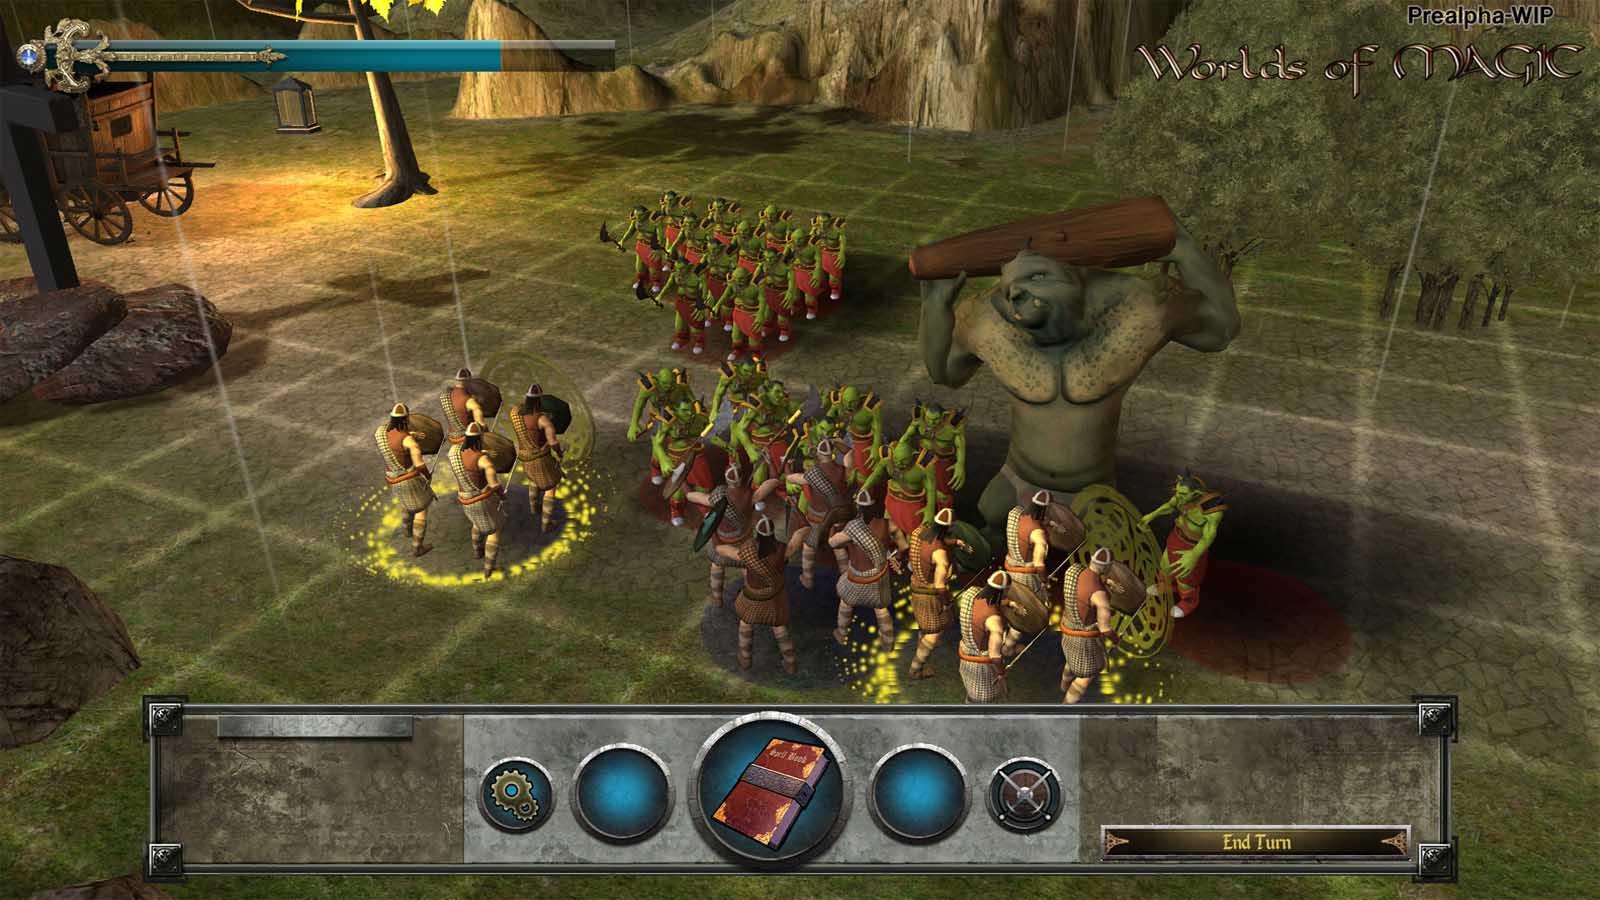 تحميل لعبة World Of Magic مضغوطة كاملة بروابط مباشرة مجانا